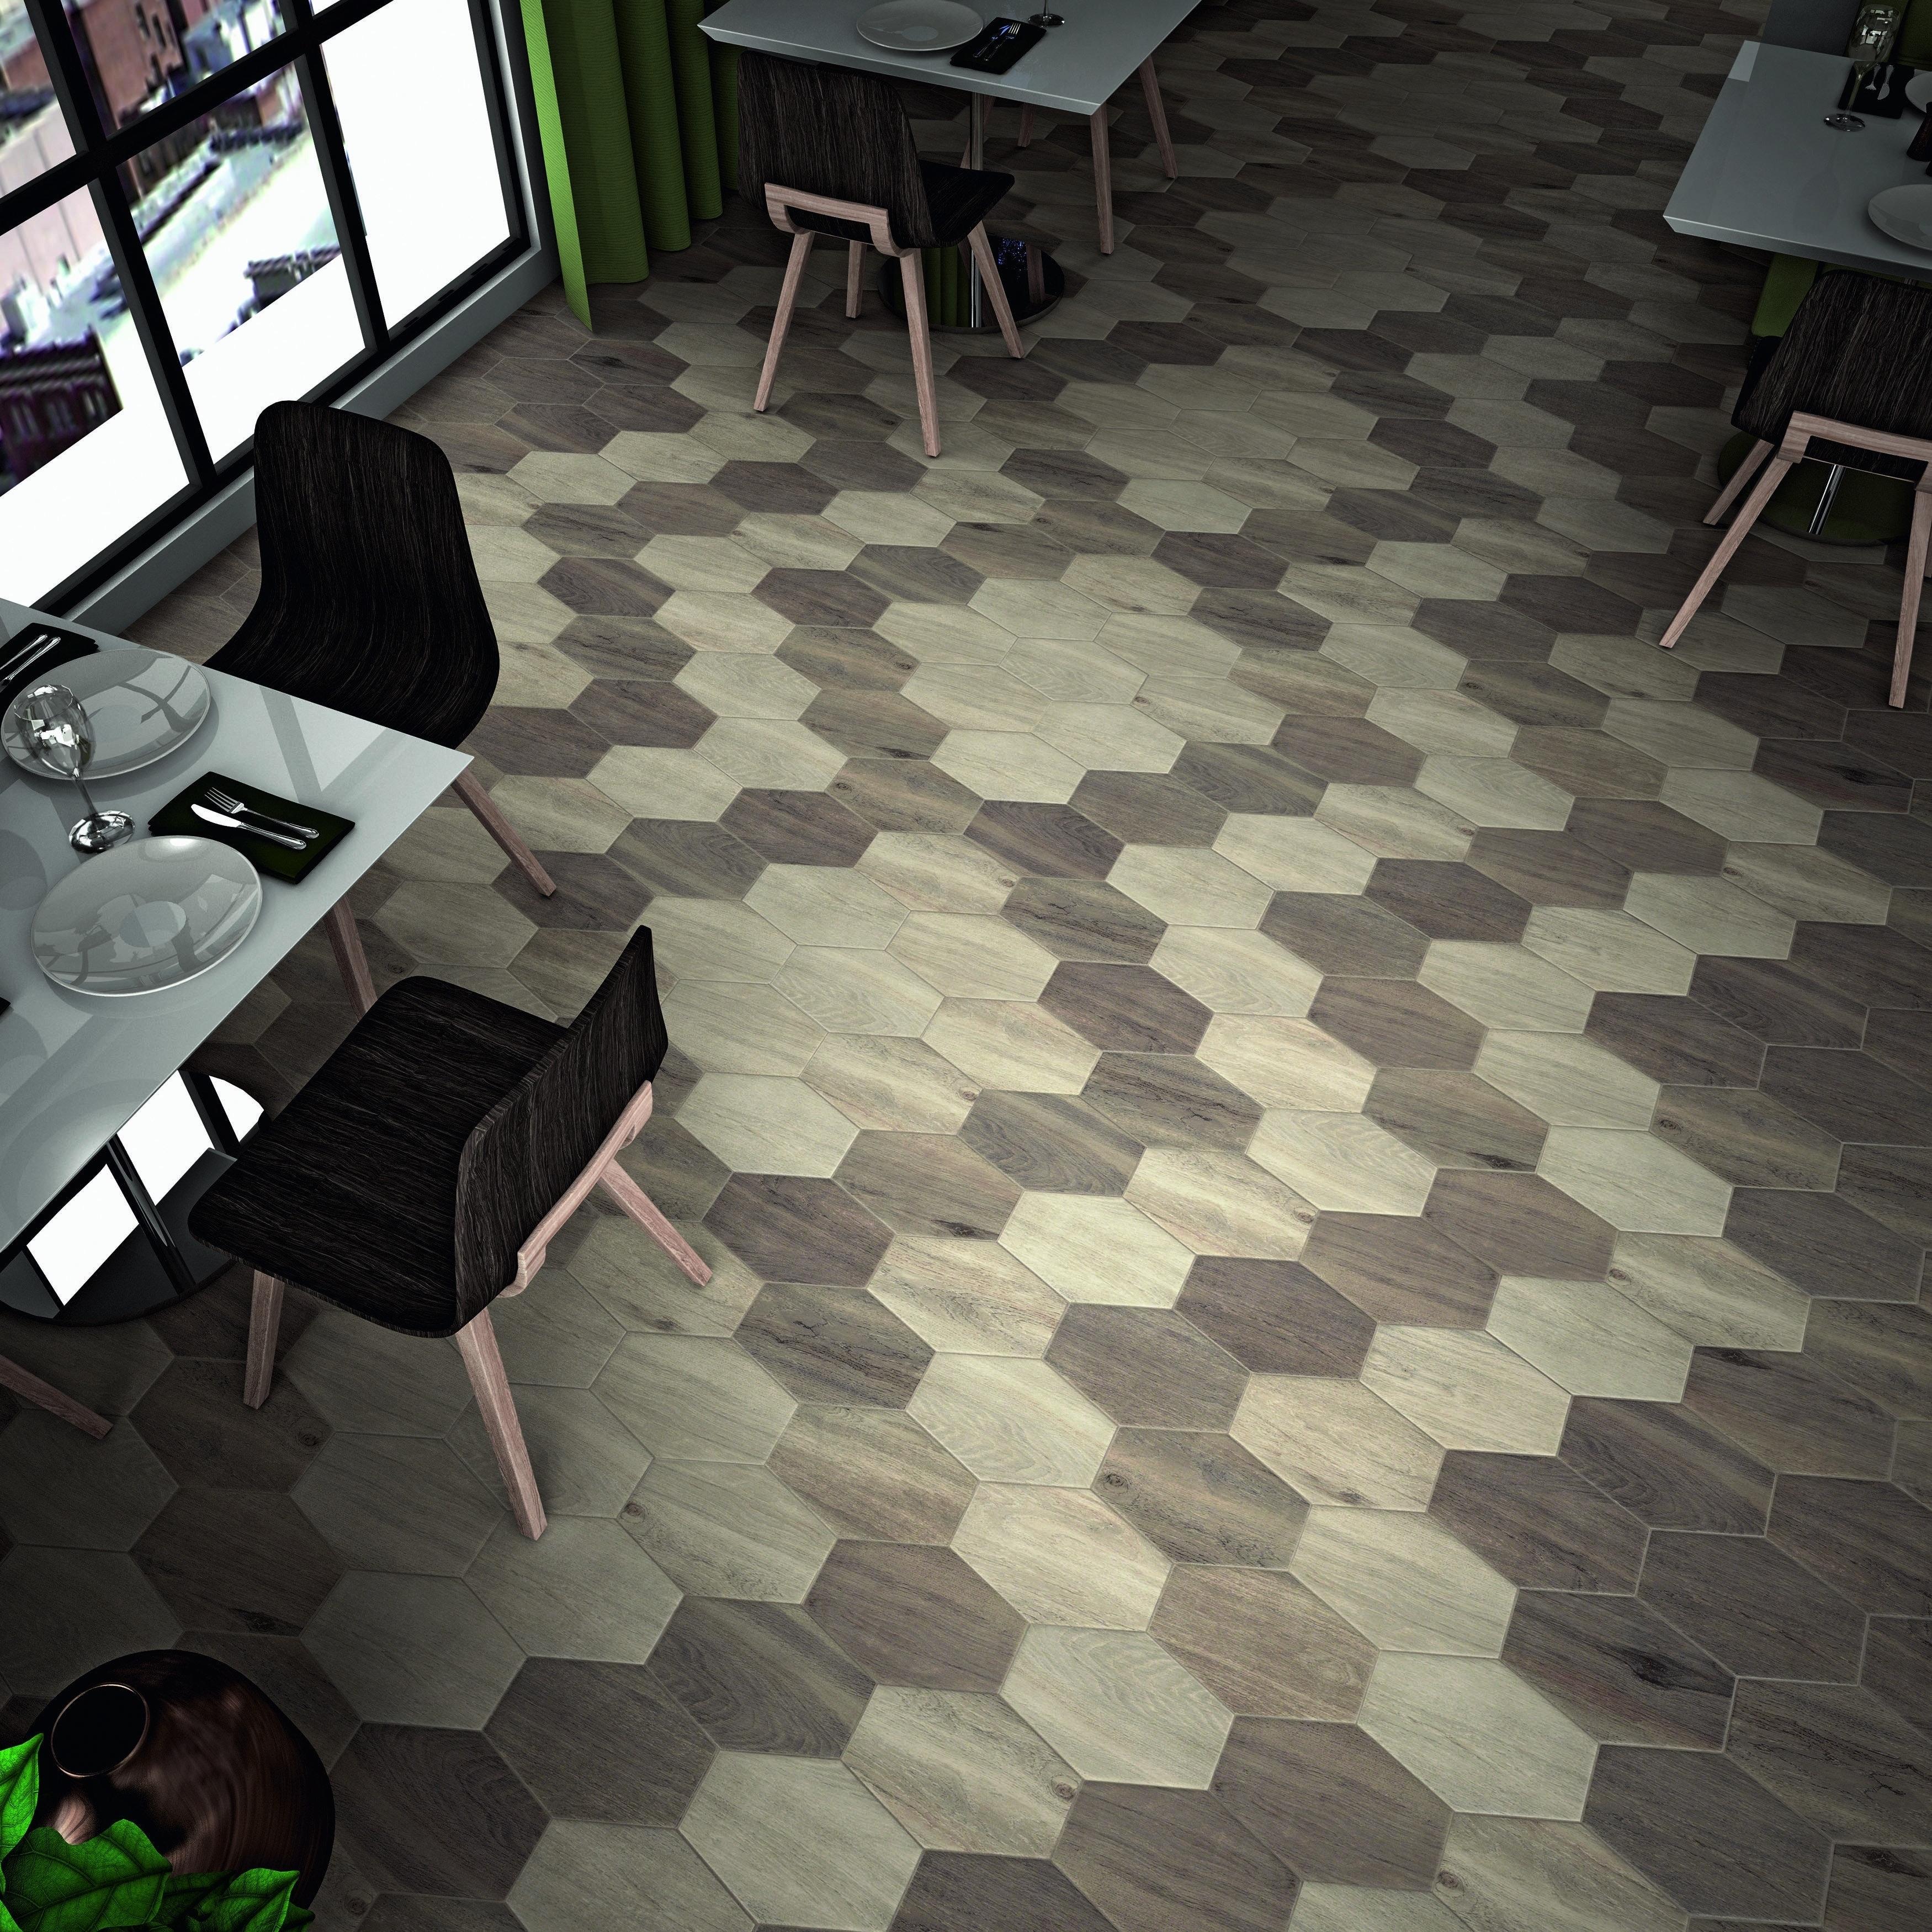 SomerTile 8.375x11.75-inch Legno Hex Irr Tilo Porcelain Floor and Wall Tile (21 tiles/10.76 sqft.) (CASE-Legno Hex)